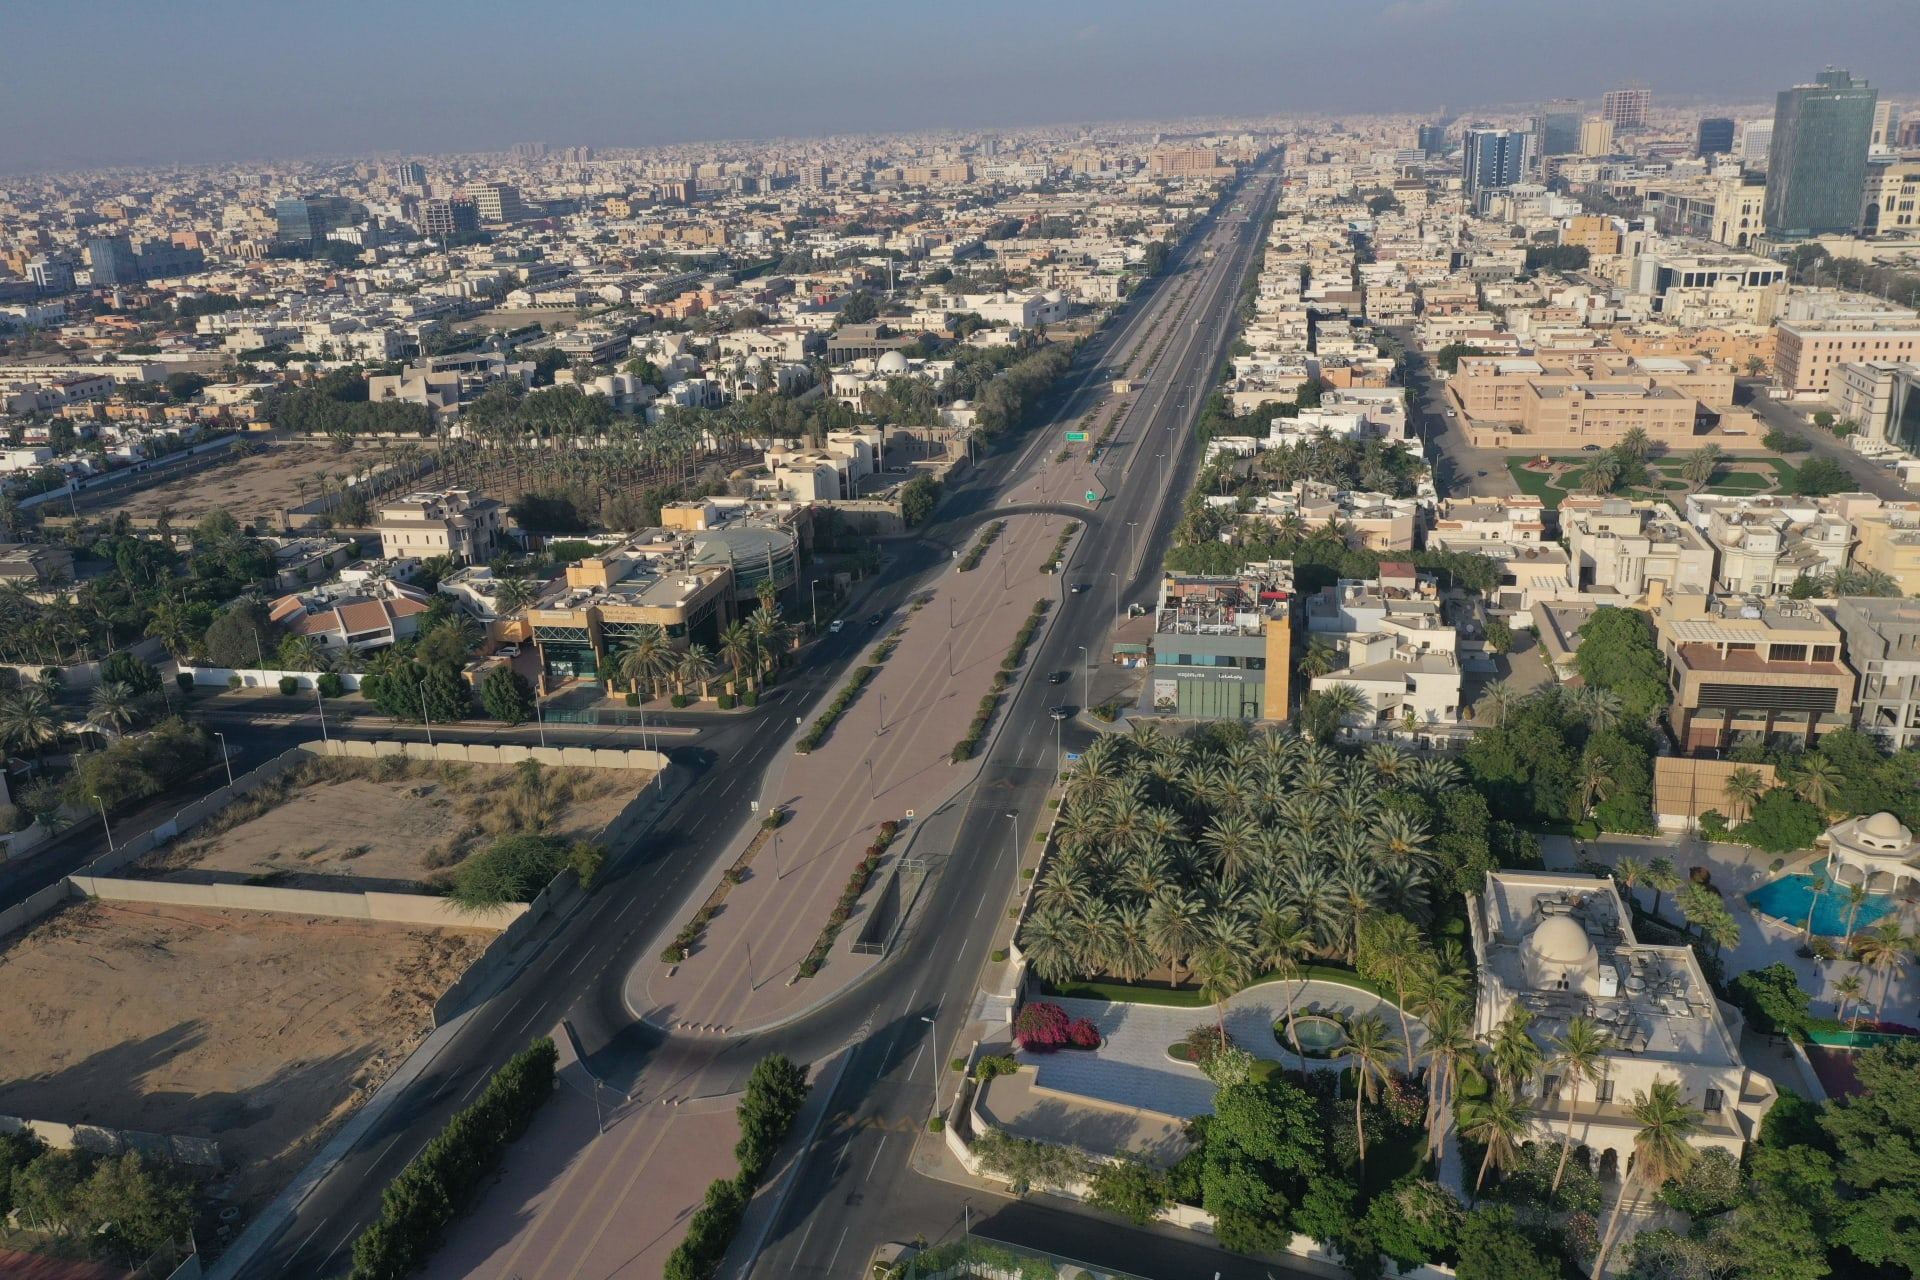 السعودية: اعتداء إرهابي يسفر عن حريق في حزان للوقود بمحطة توزيع منتجات برتولية في جدة